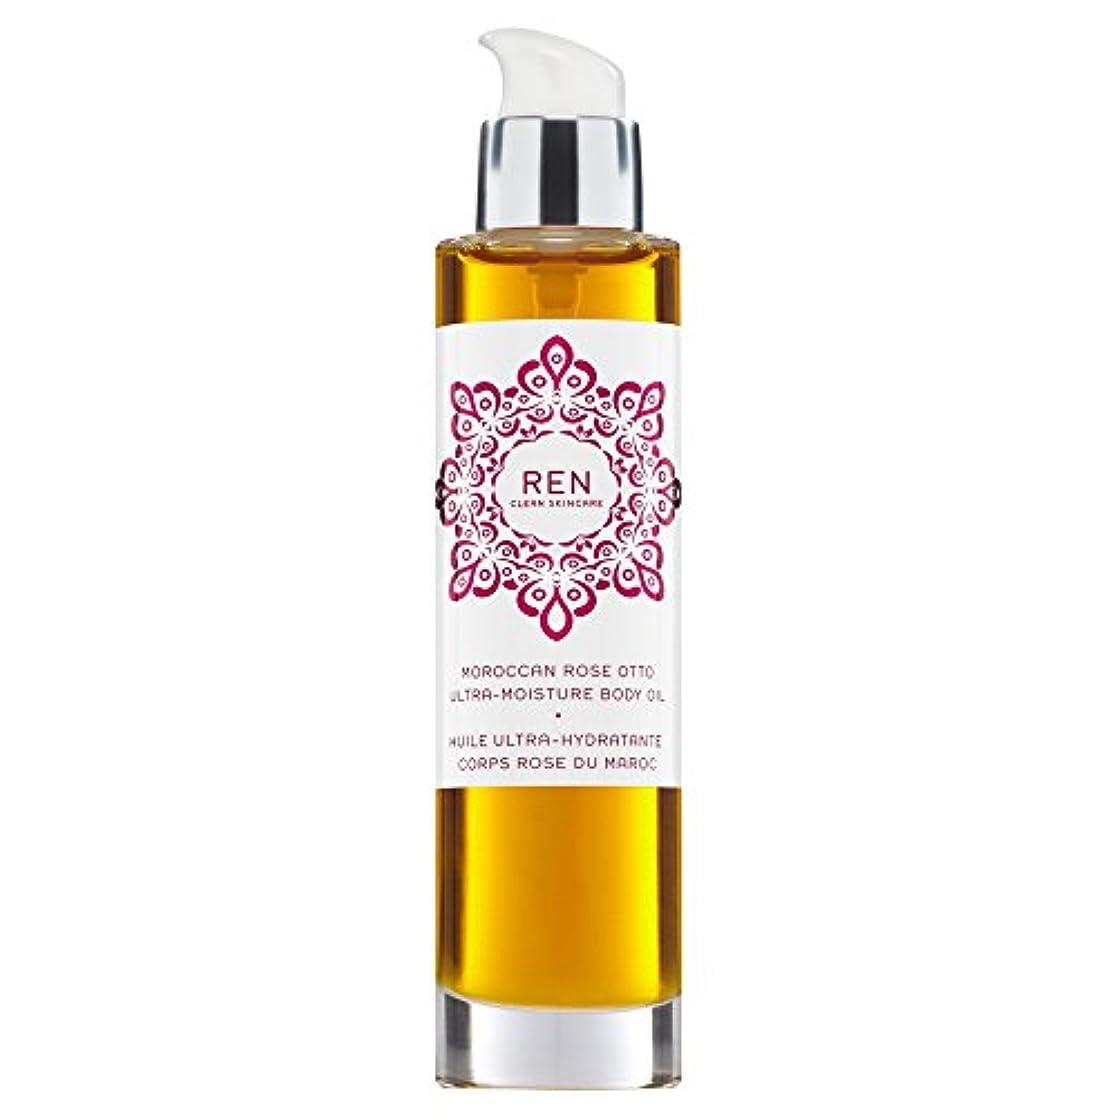 露電信知覚するRenモロッコはオットー超水分ボディオイル100ミリリットルをバラ (REN) (x2) - REN Moroccan Rose Otto Ultra-Moisture Body Oil 100ml (Pack of 2) [並行輸入品]